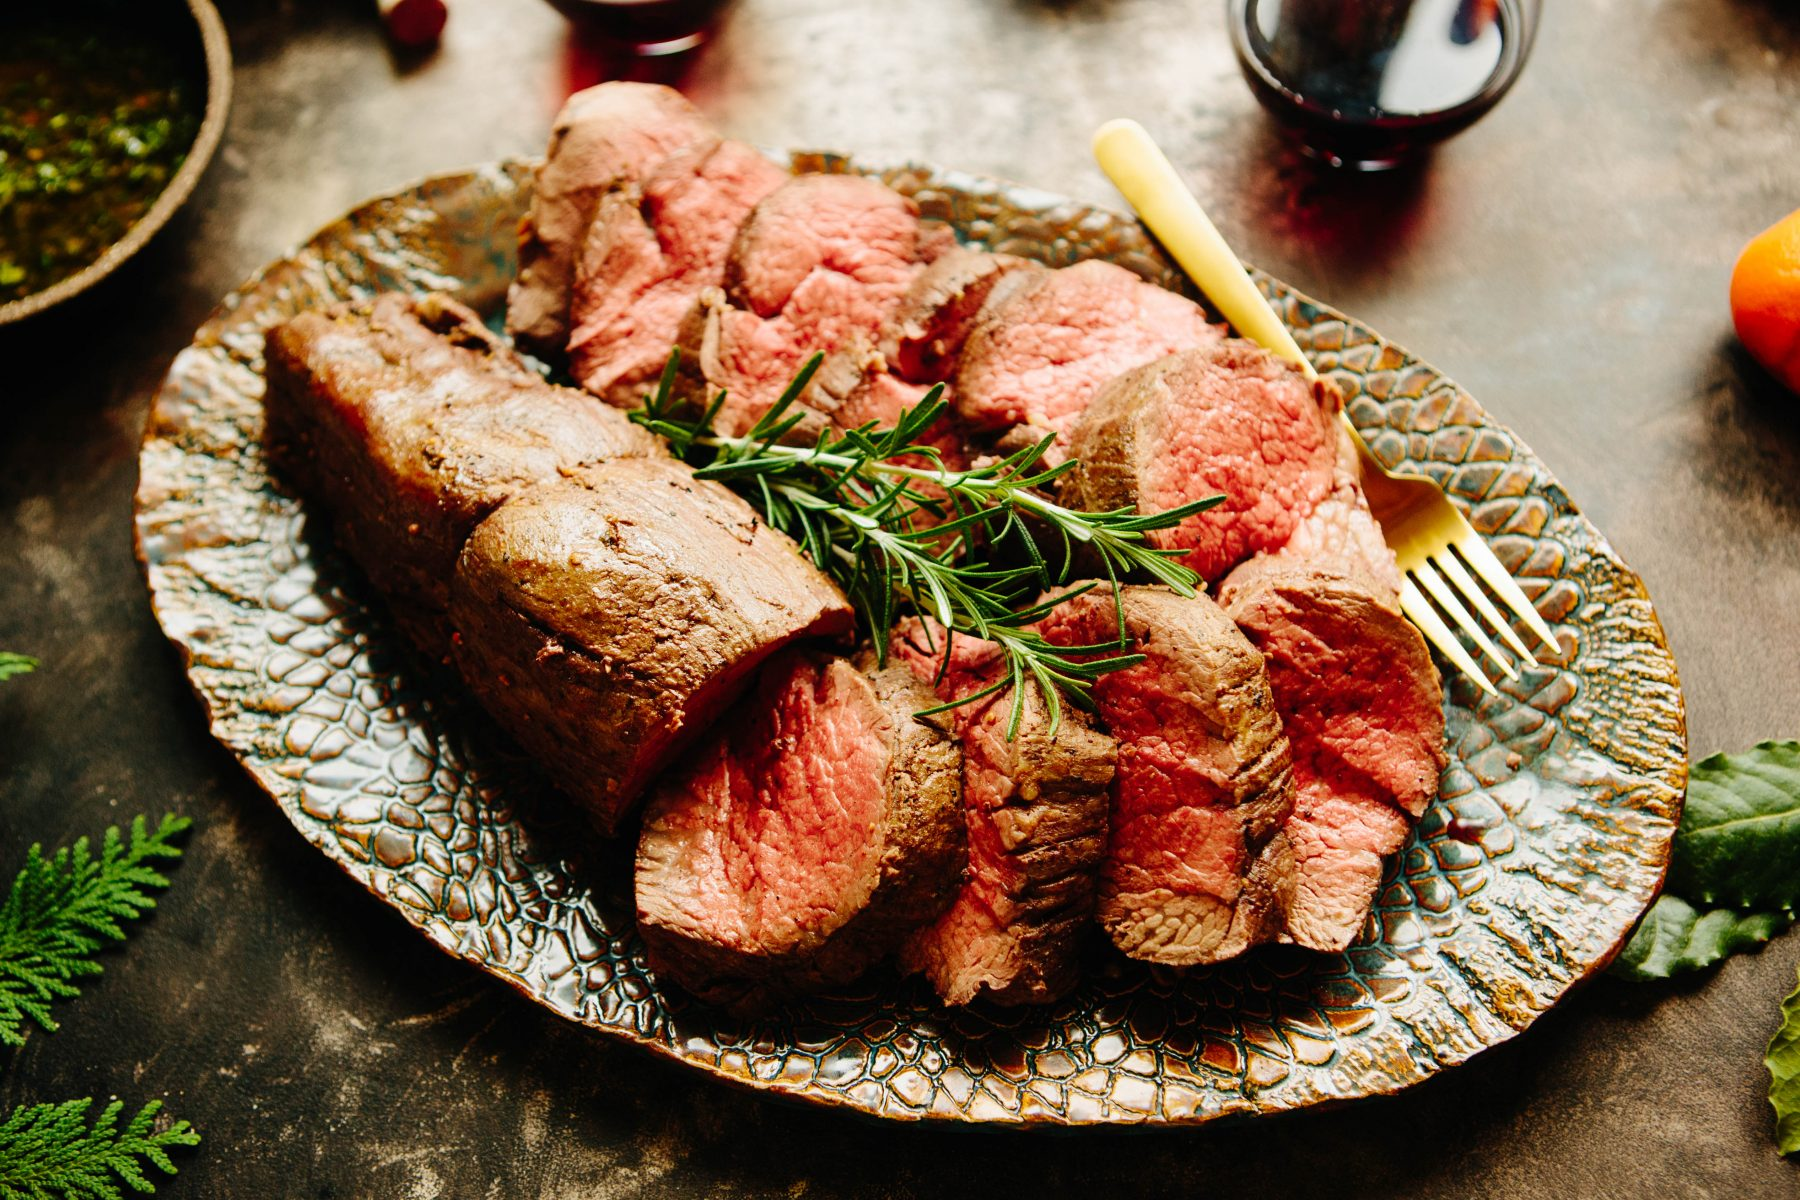 бисквитное тесто говяжий ростбиф рецепт с фото введение формы для